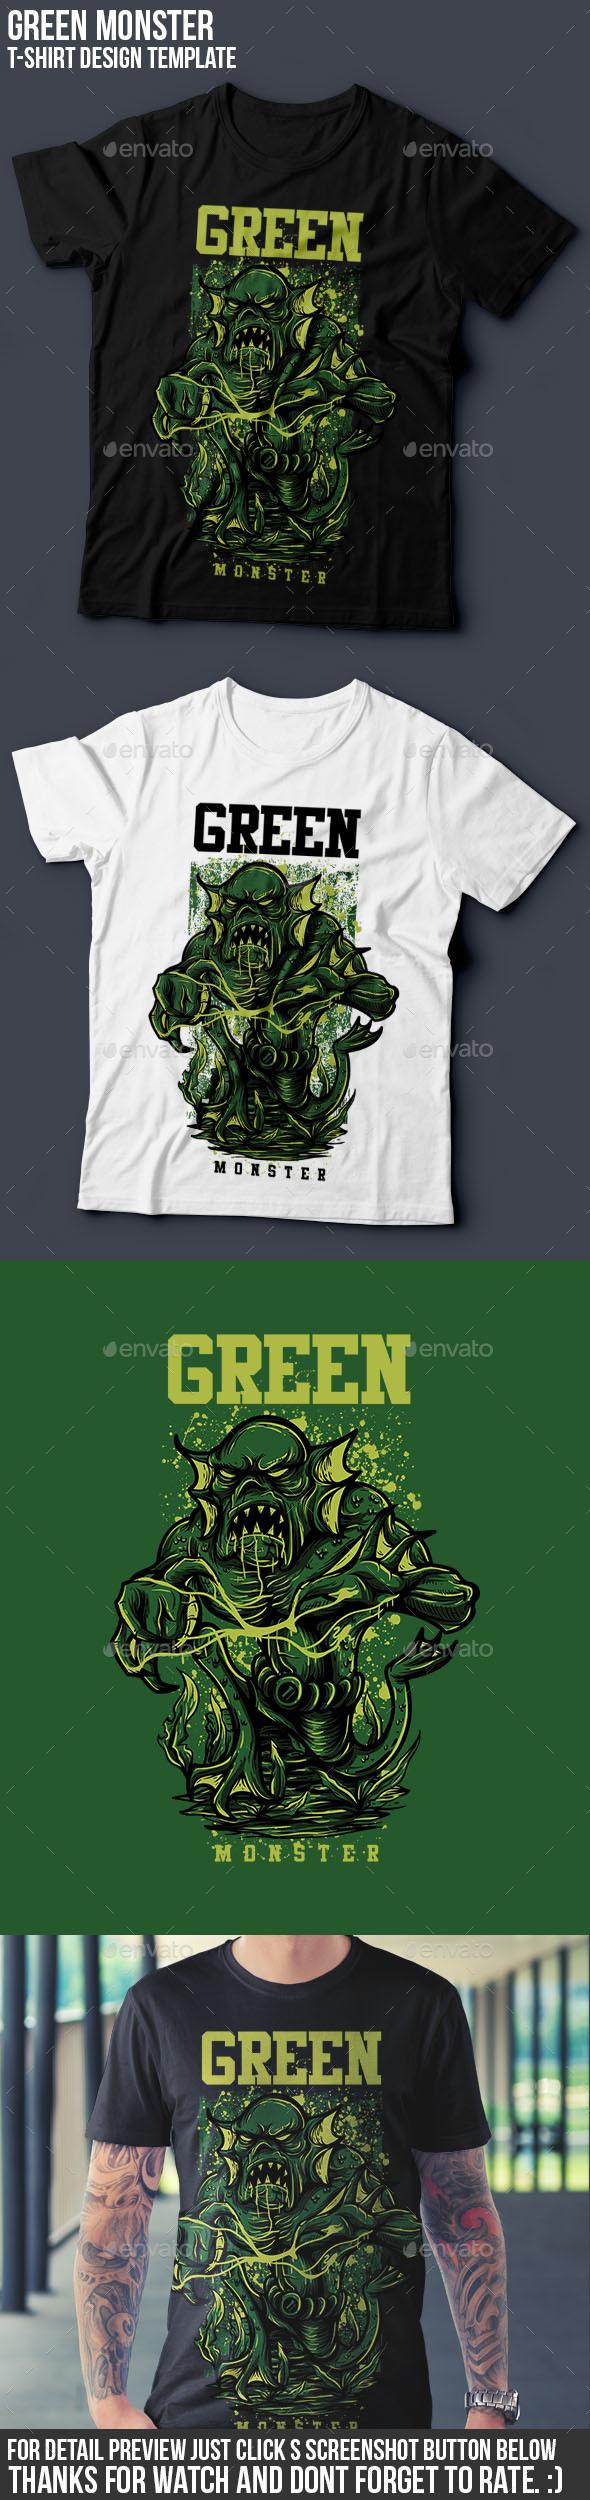 Green Monster T-Shirt Design - Grunge Designs